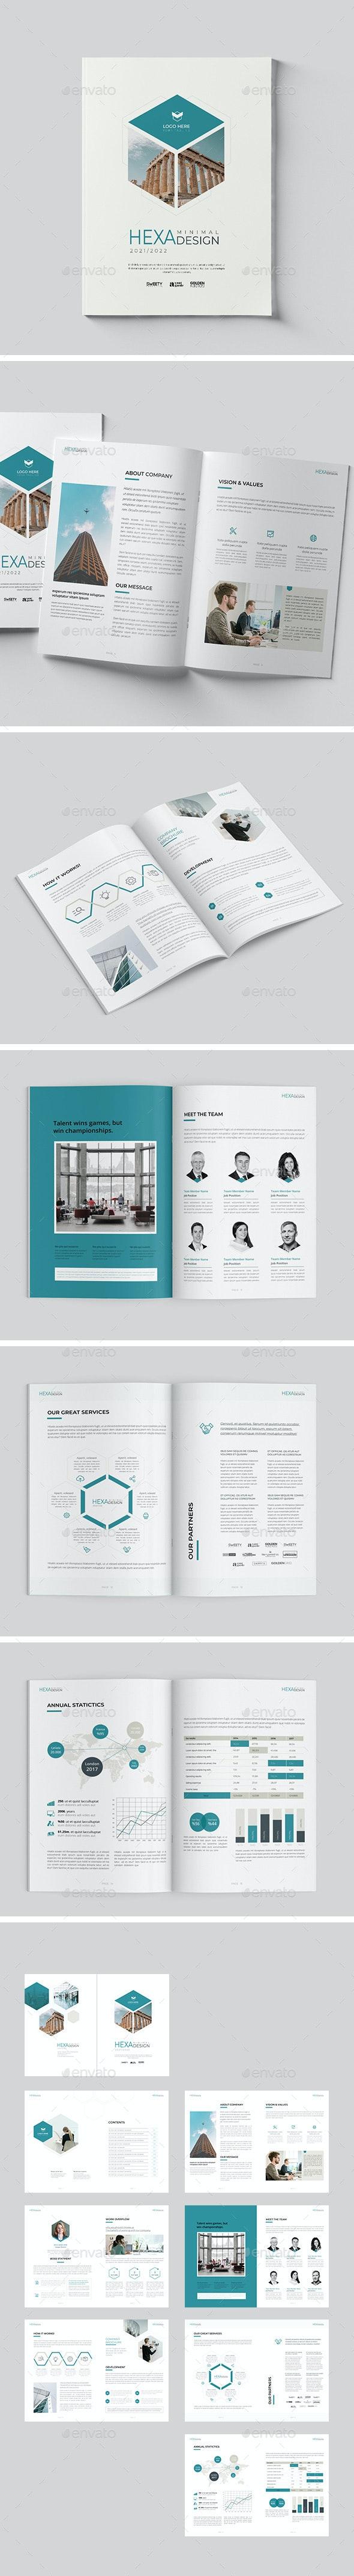 Minimal Hexagon Brochure 16 Pages - Corporate Brochures